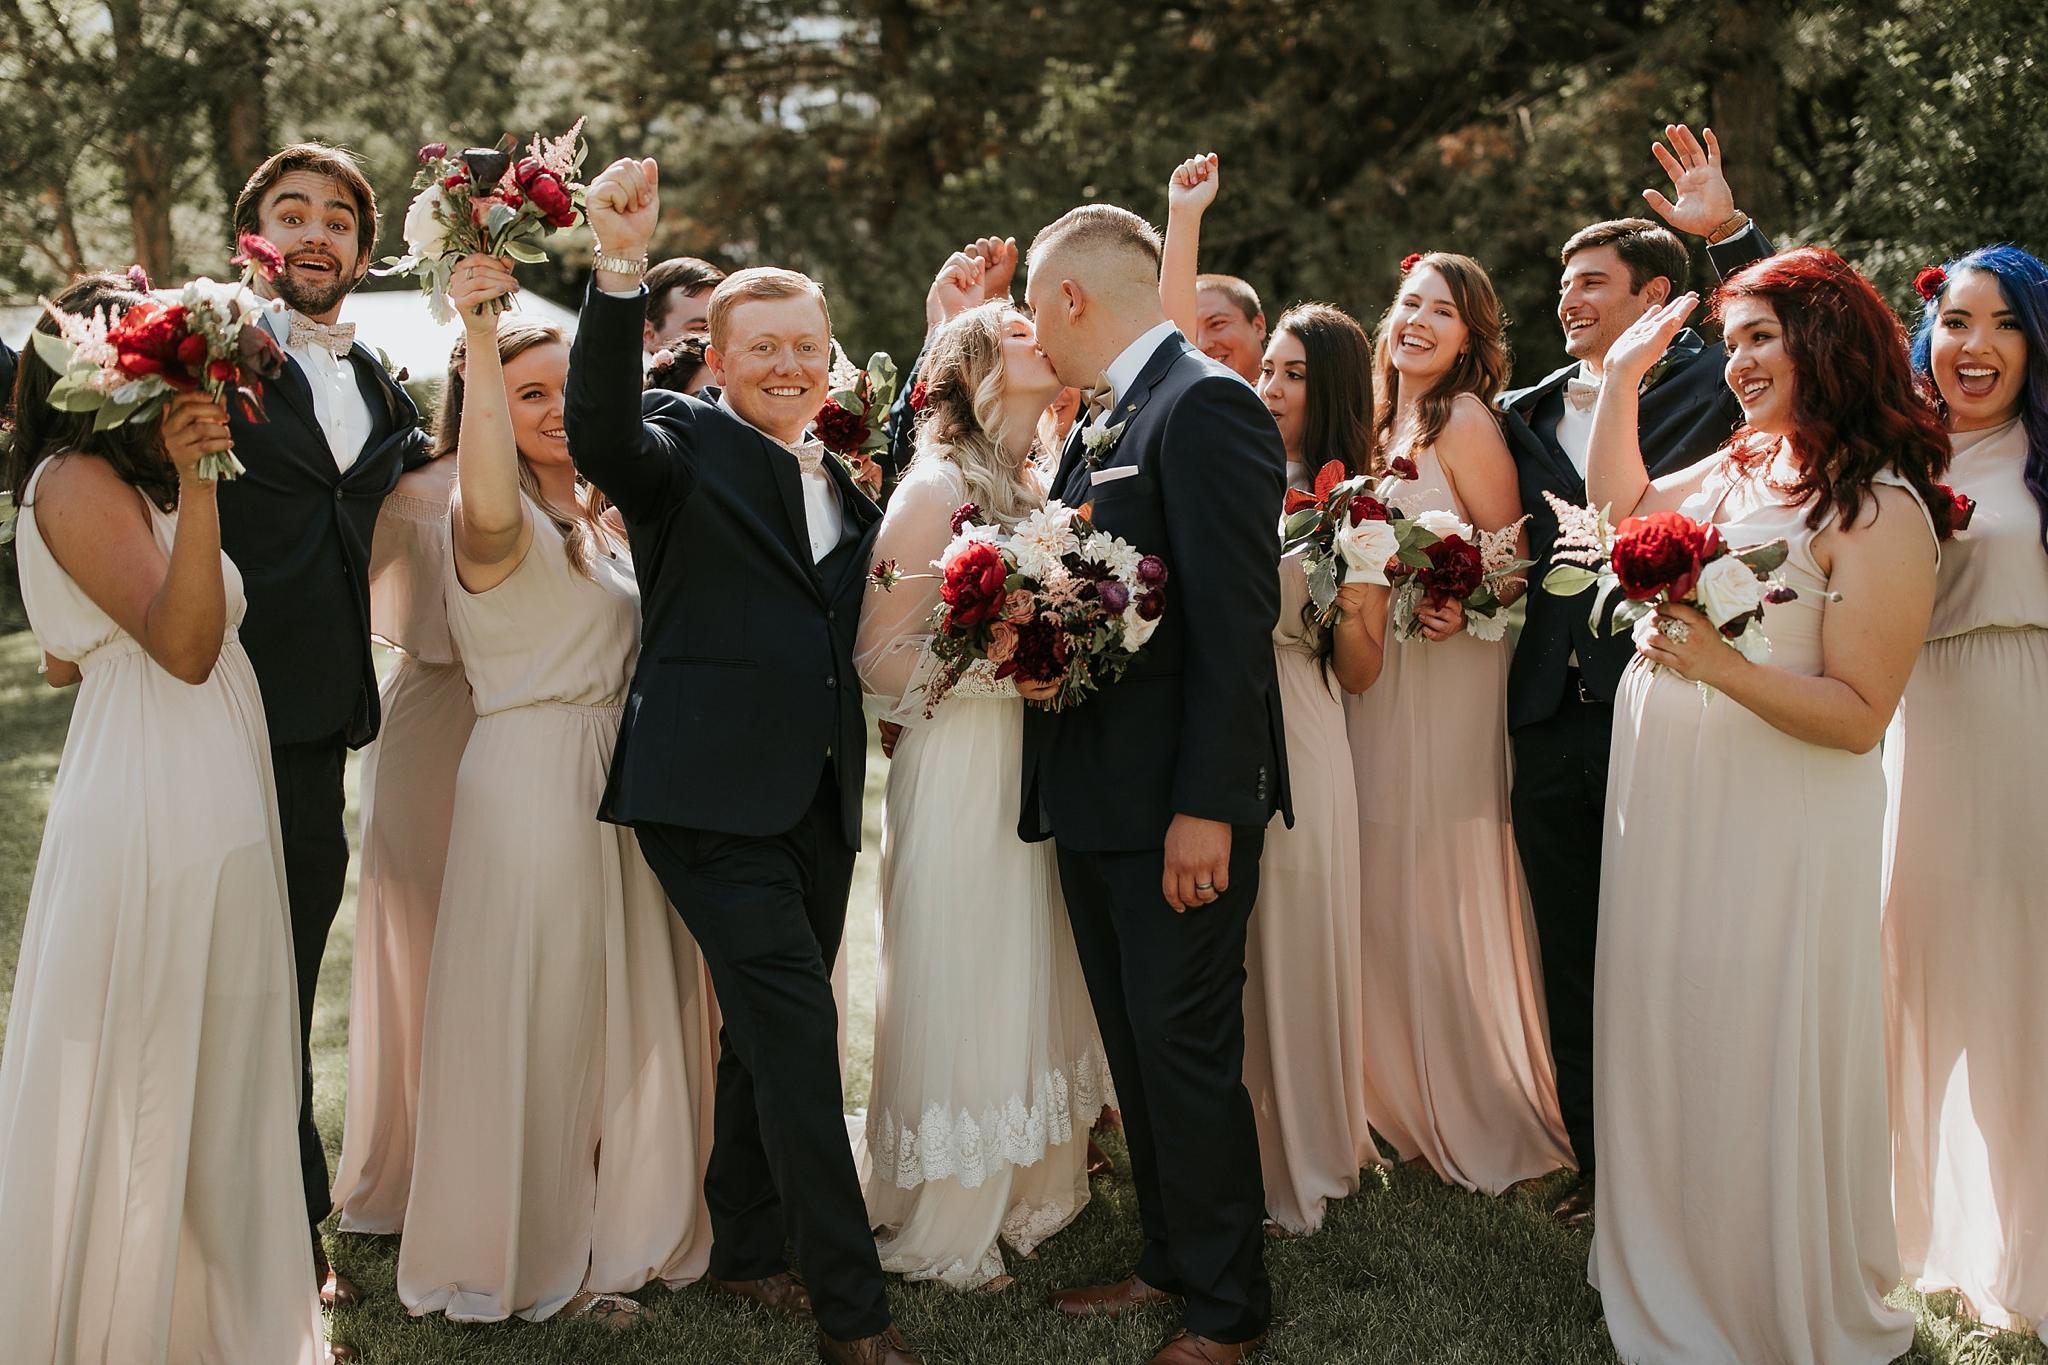 Alicia+lucia+photography+-+albuquerque+wedding+photographer+-+santa+fe+wedding+photography+-+new+mexico+wedding+photographer+-+new+mexico+wedding+-+new+mexico+wedding+-+colorado+wedding+-+bridesmaids+-+bridesmaid+style_0035.jpg